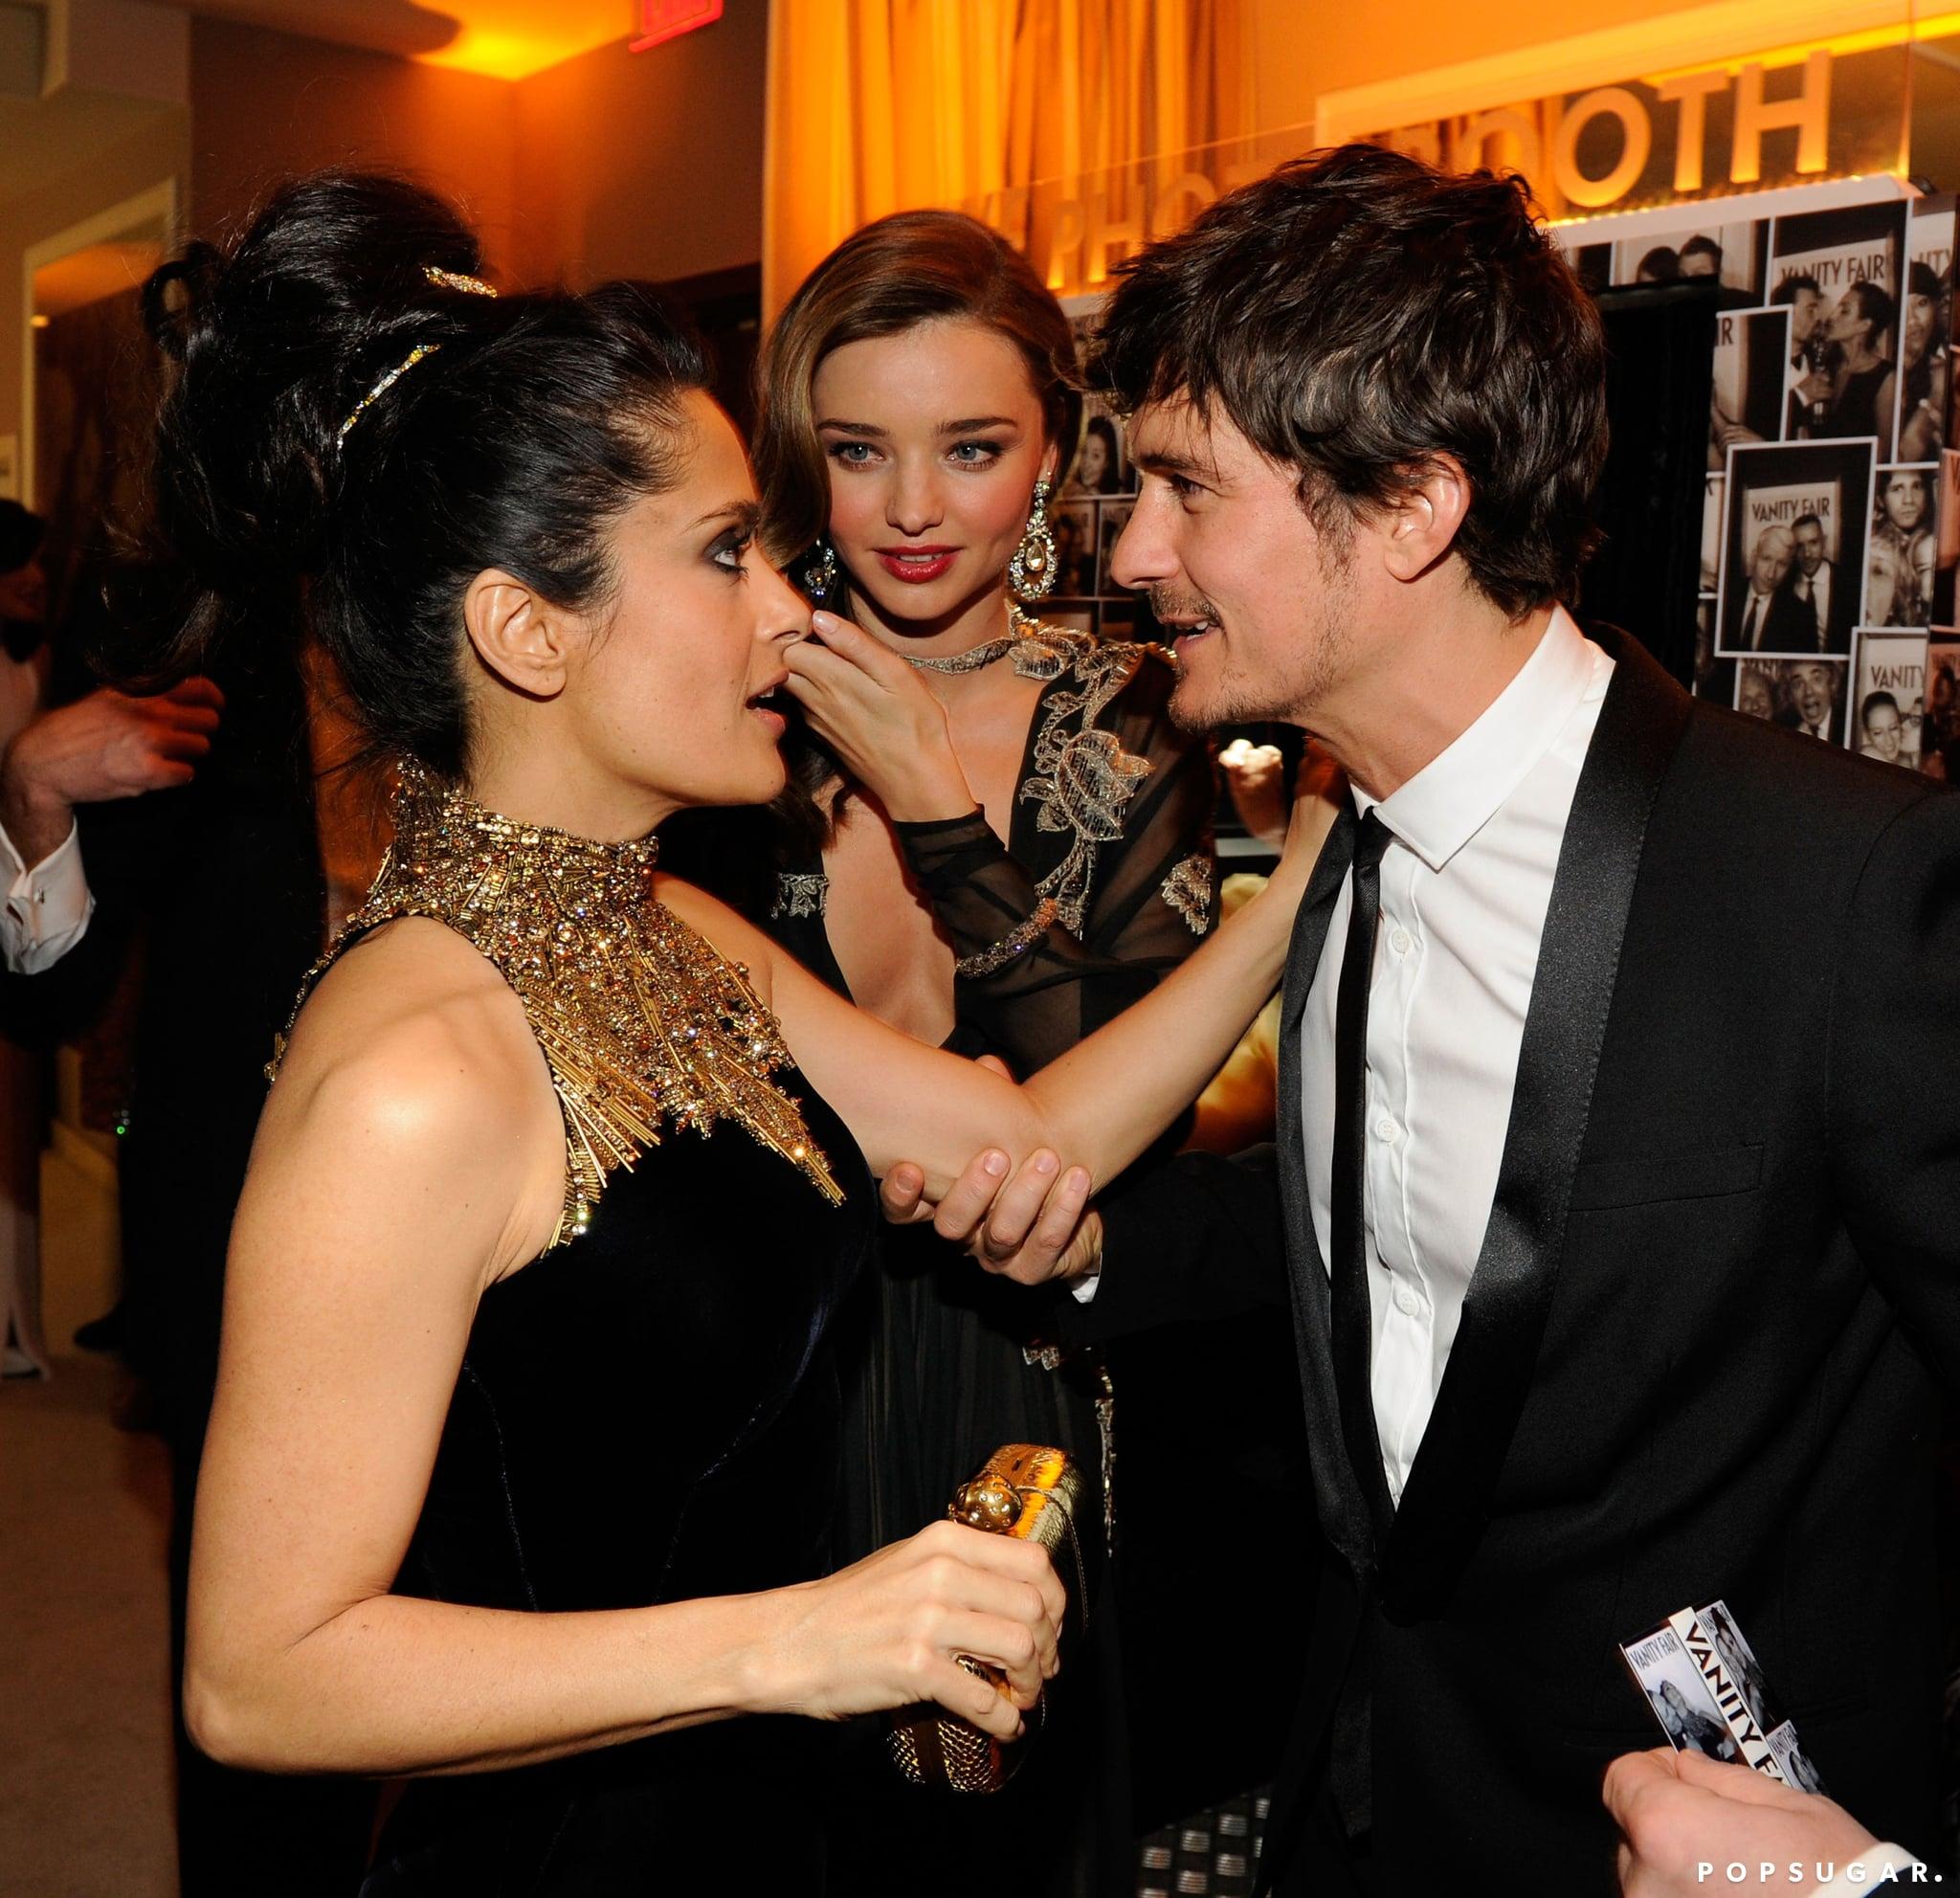 Salma Hayek greeted Orlando Bloom and Miranda Kerr at Vanity Fair's Oscar afterparty.